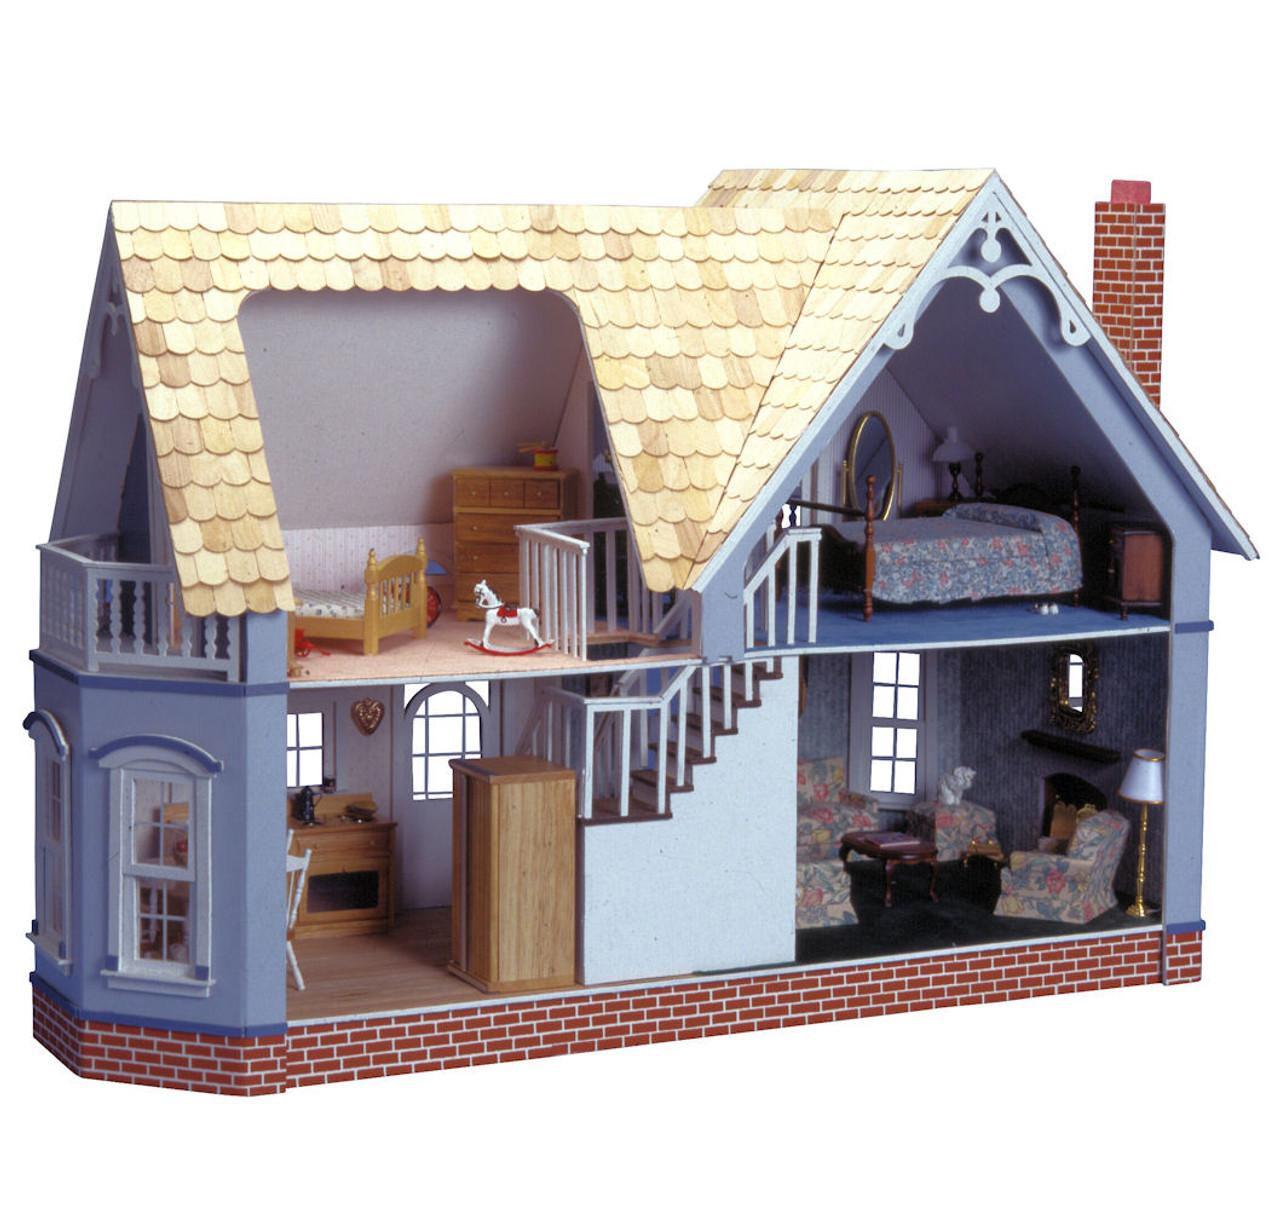 lighting for dollhouses. Magnolia Dollhouse Kit; Doll House Kit Lighting For Dollhouses